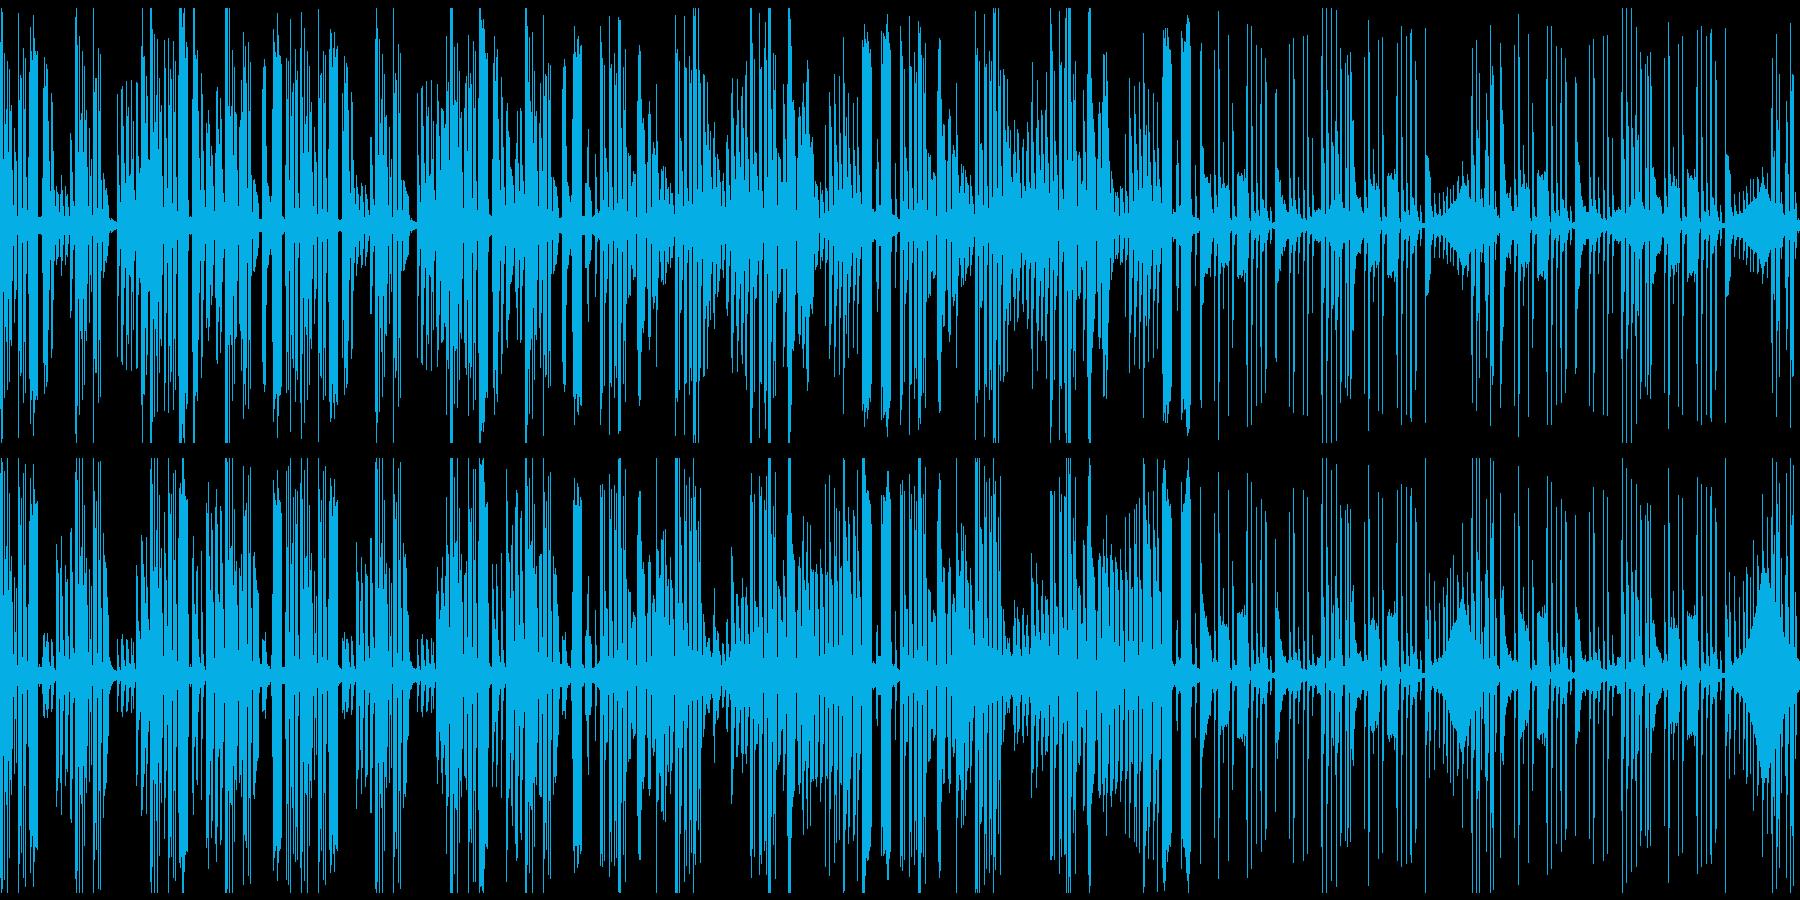 機械的で怪しげな曲の再生済みの波形